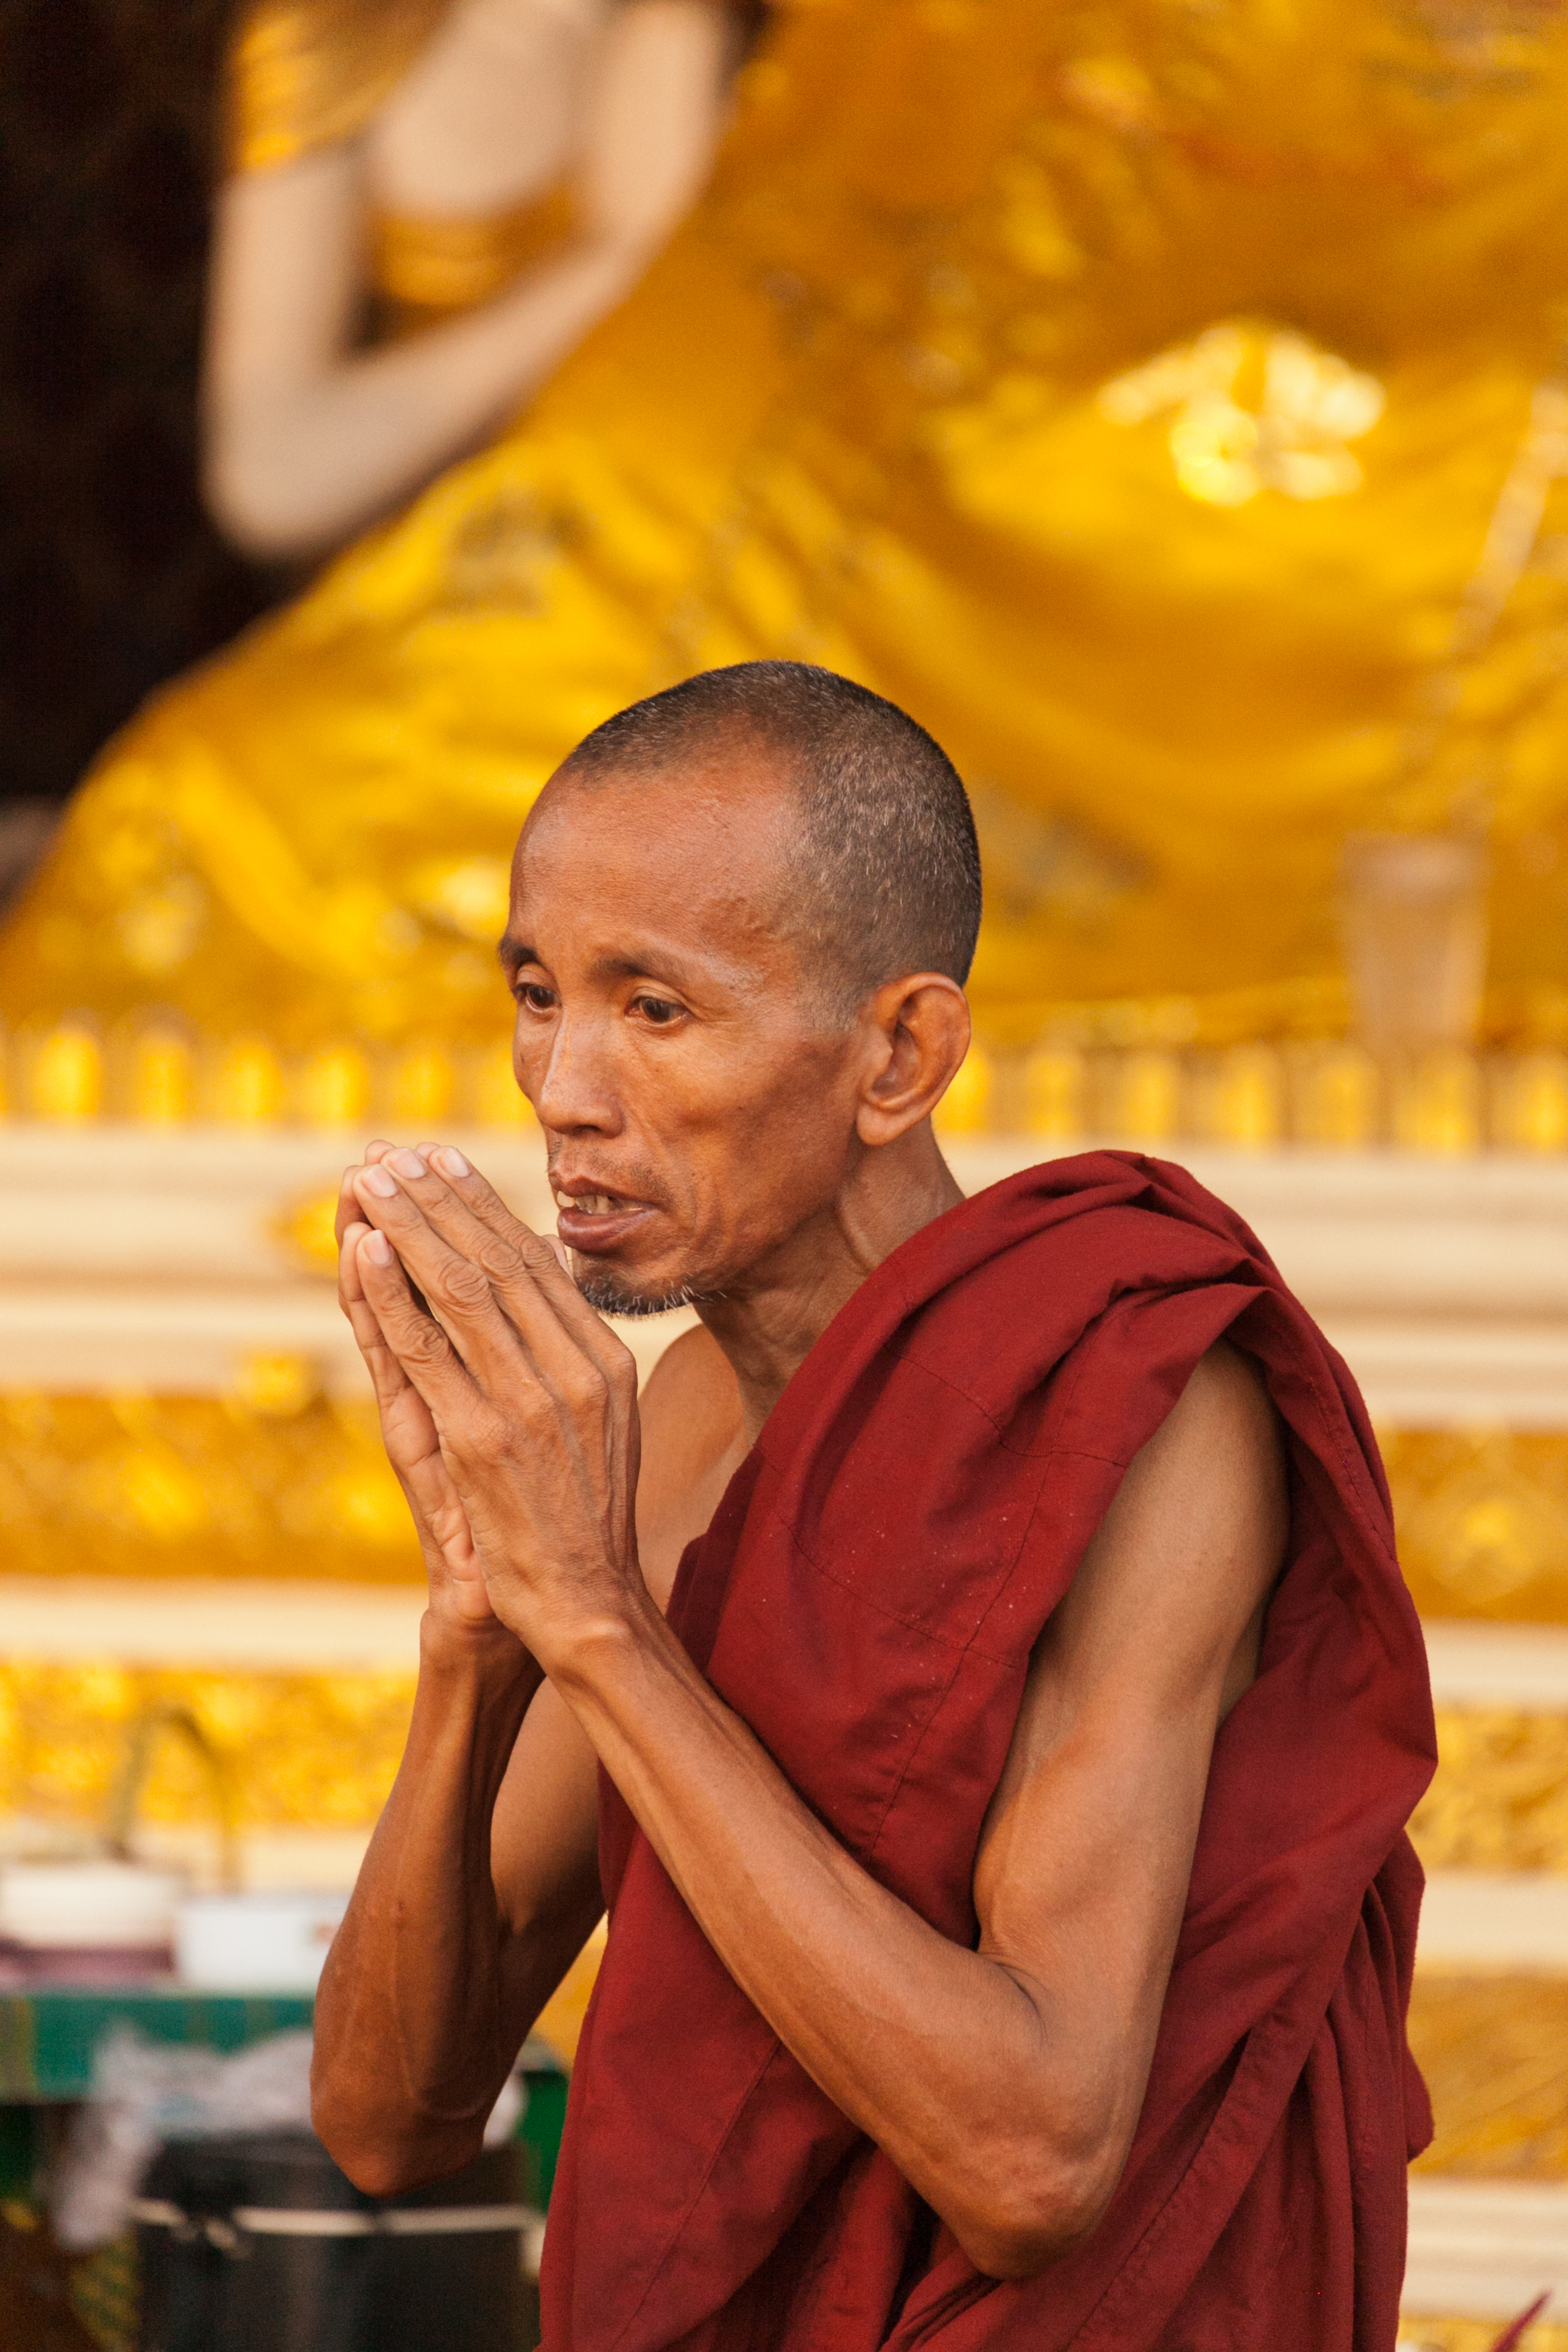 Buddhistic Monk, Shwedagon Pagoda, Yangon, Myanmar